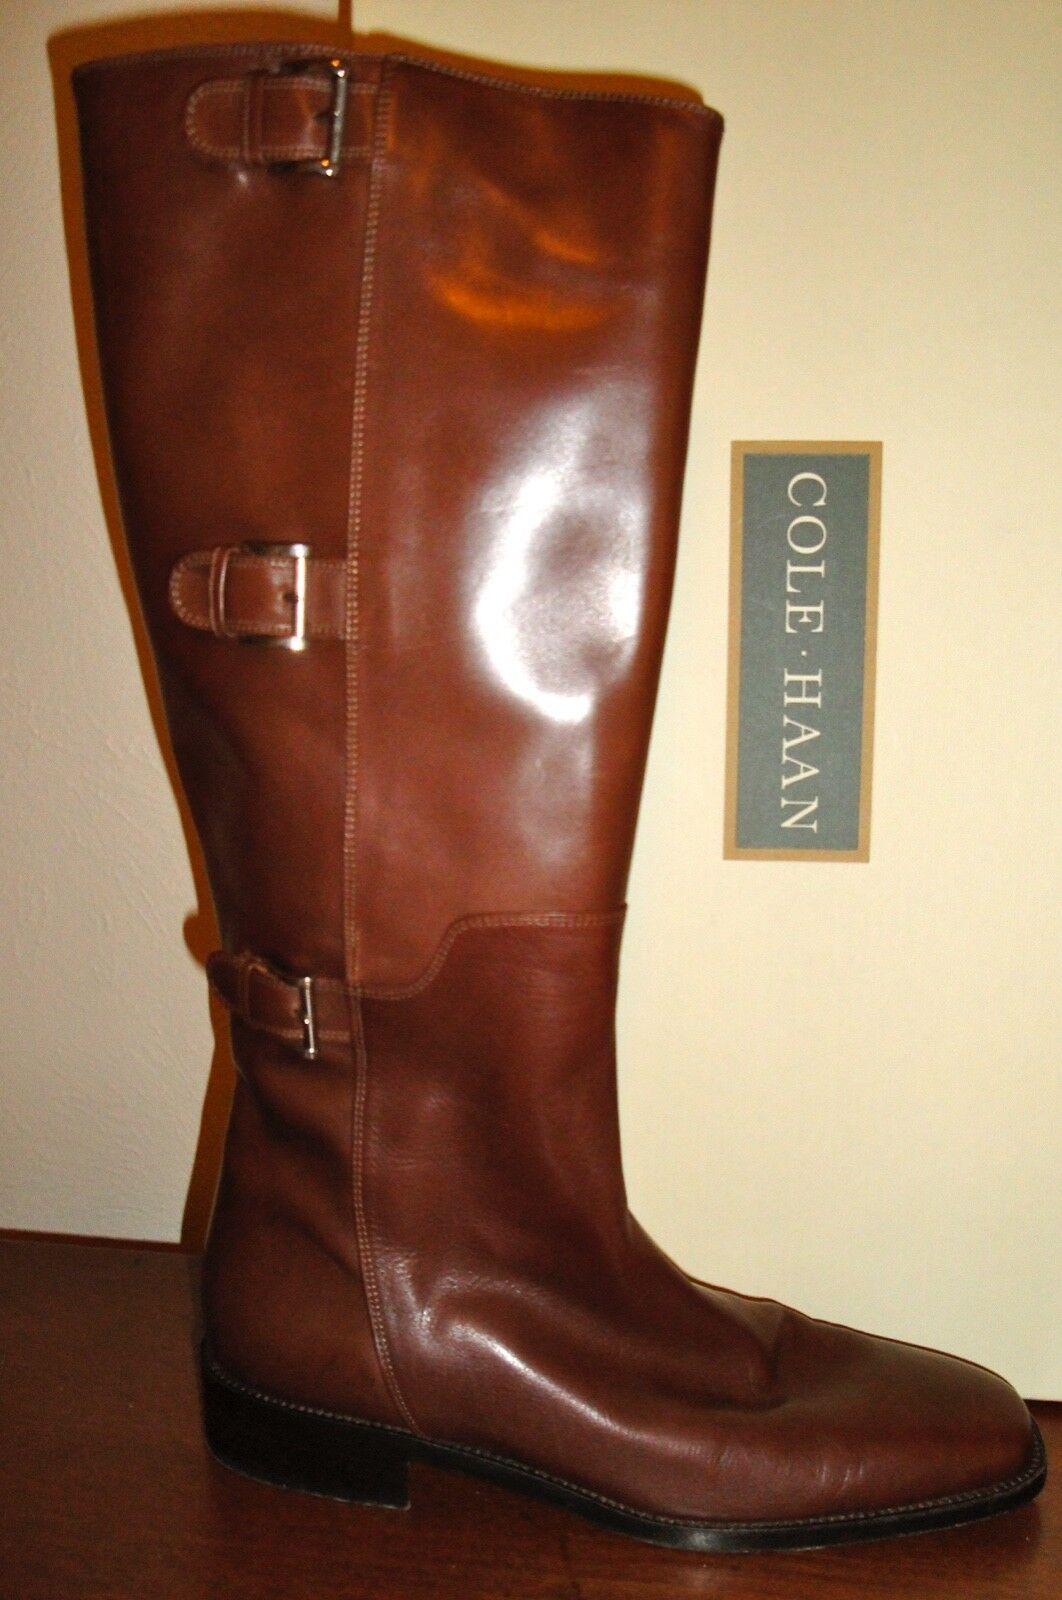 Cole Cole Cole Haan botas De Cuero Genuino, hecho en Italia, tamaño 8AA En Excelente Estado 594c36